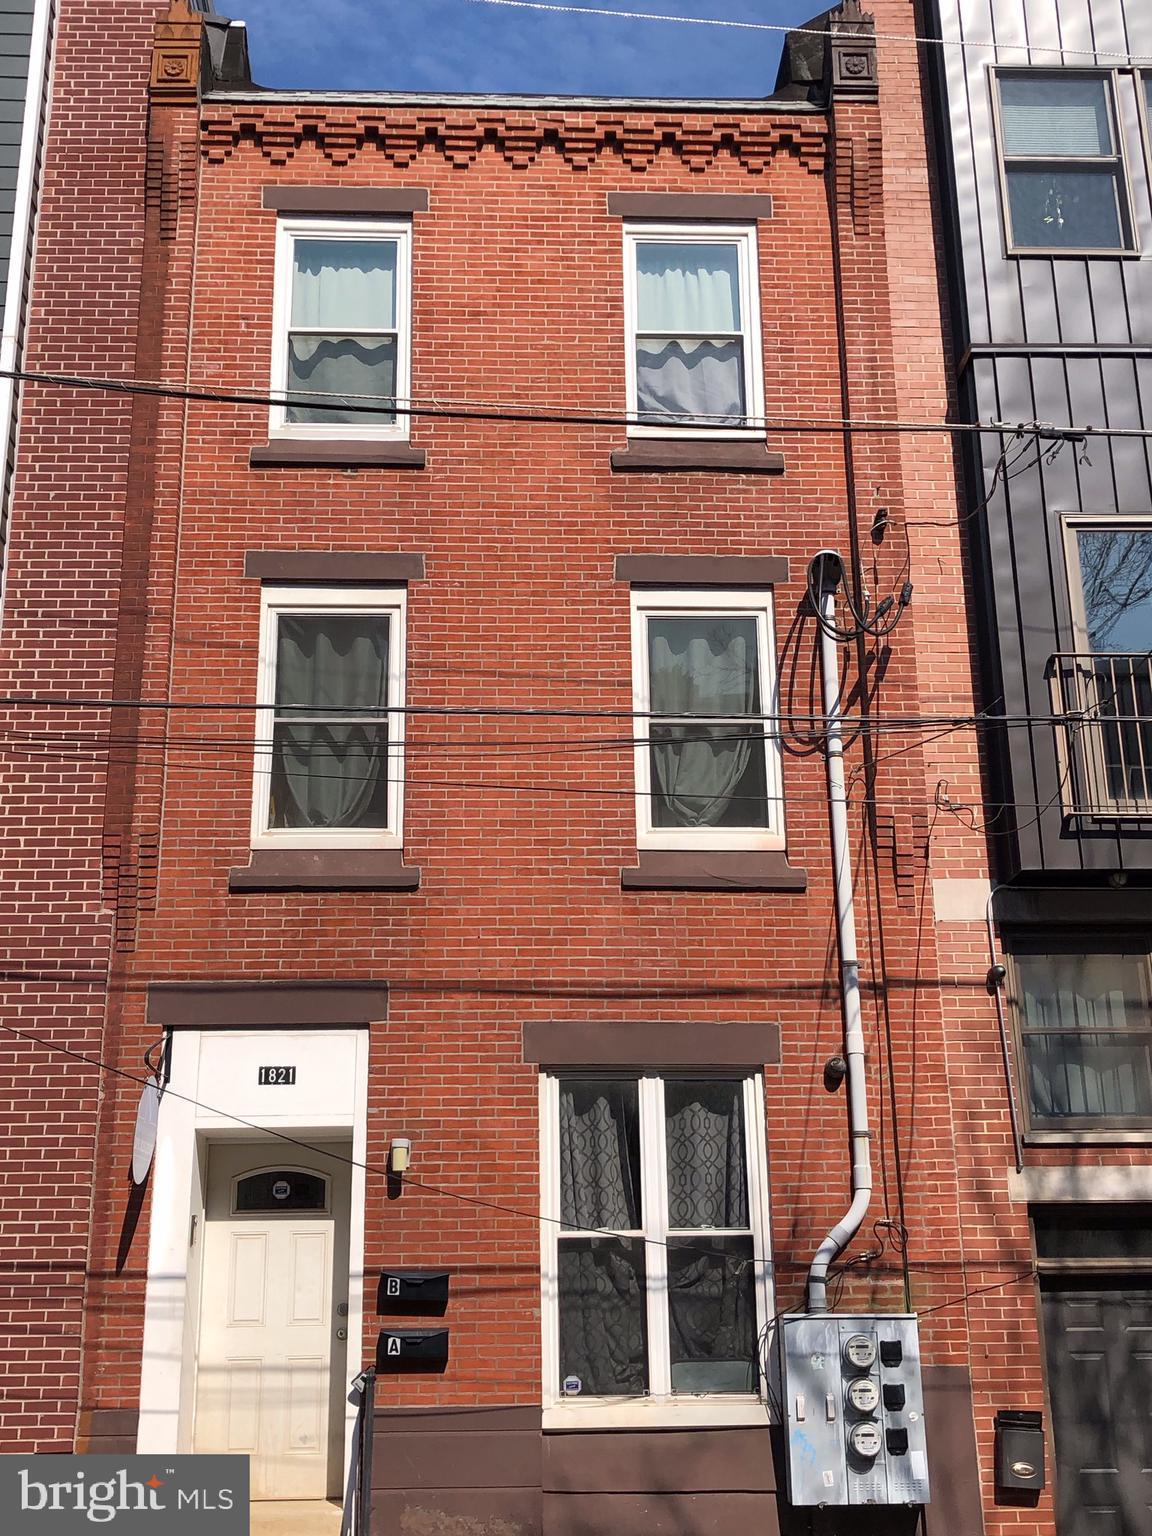 1821 N BOUVIER STREET, PHILADELPHIA, PA 19121